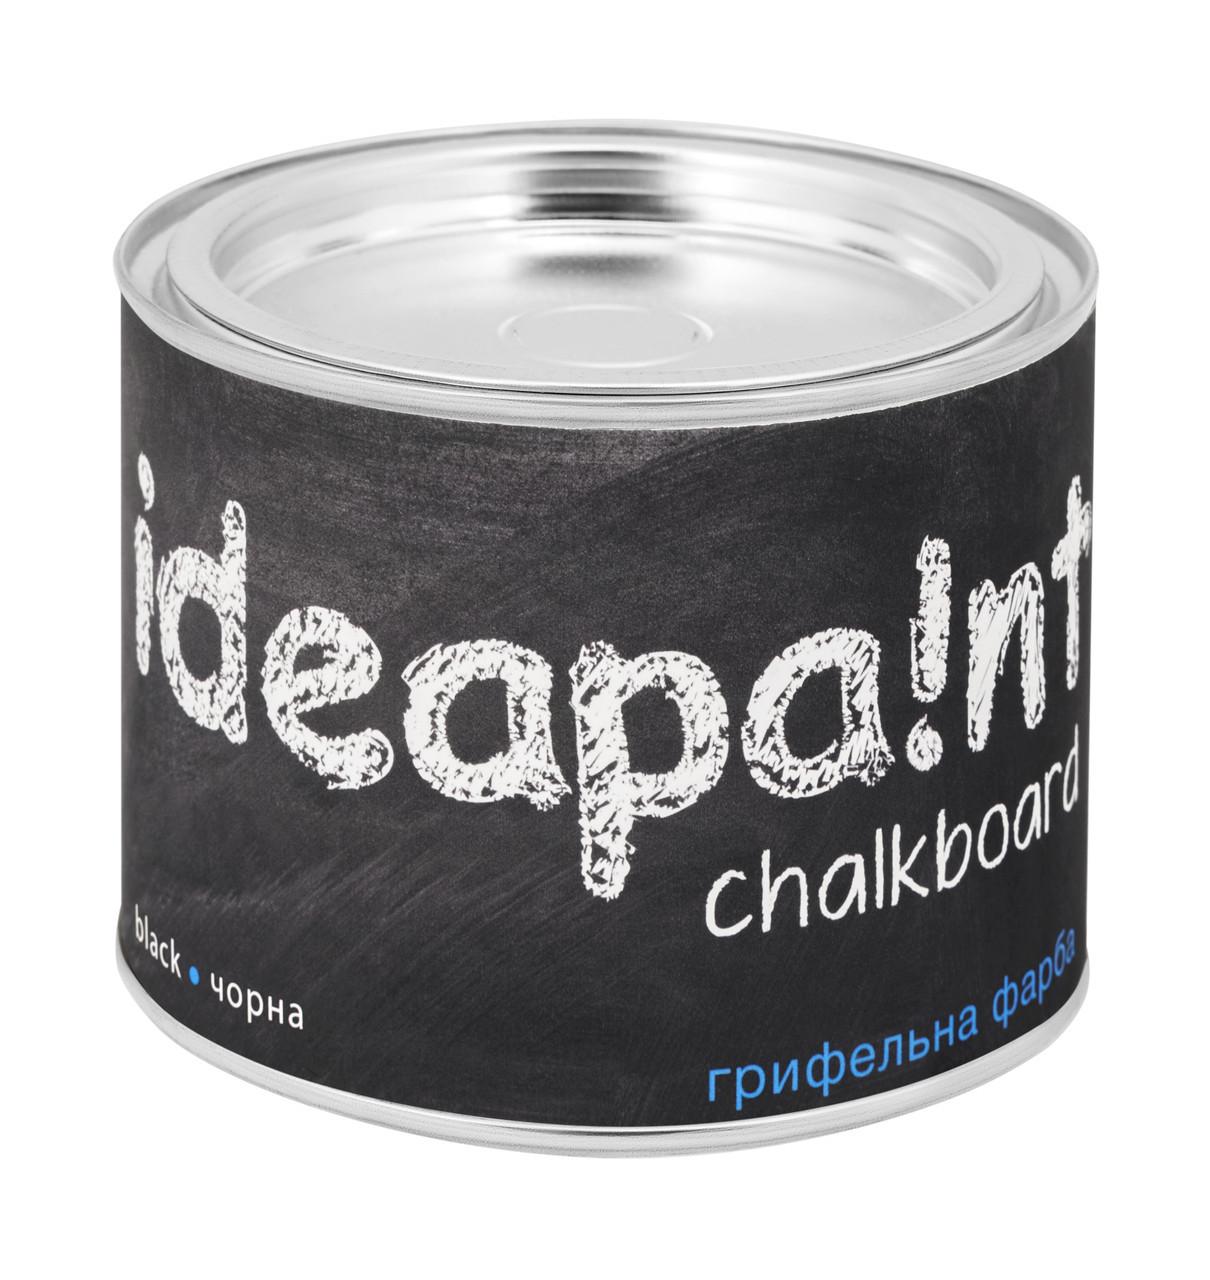 Грифельная краска Ideapaint черная 0.5л